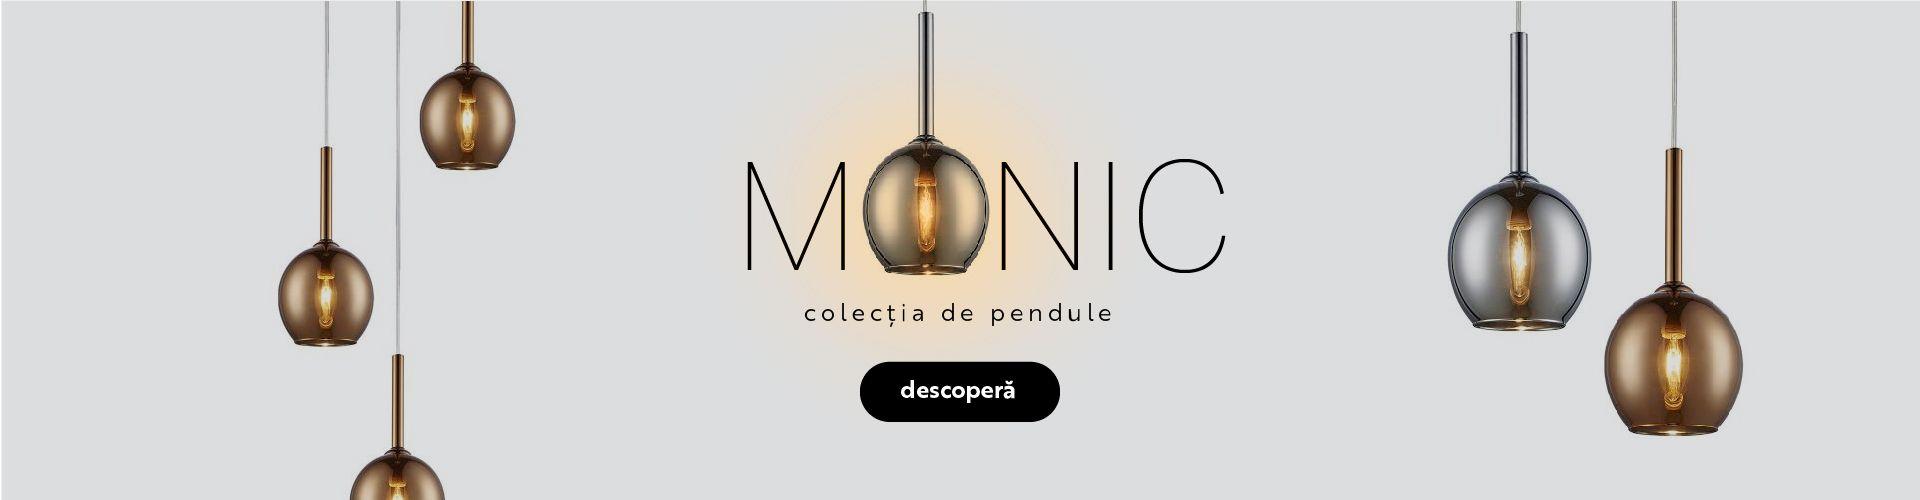 Colectia Monic